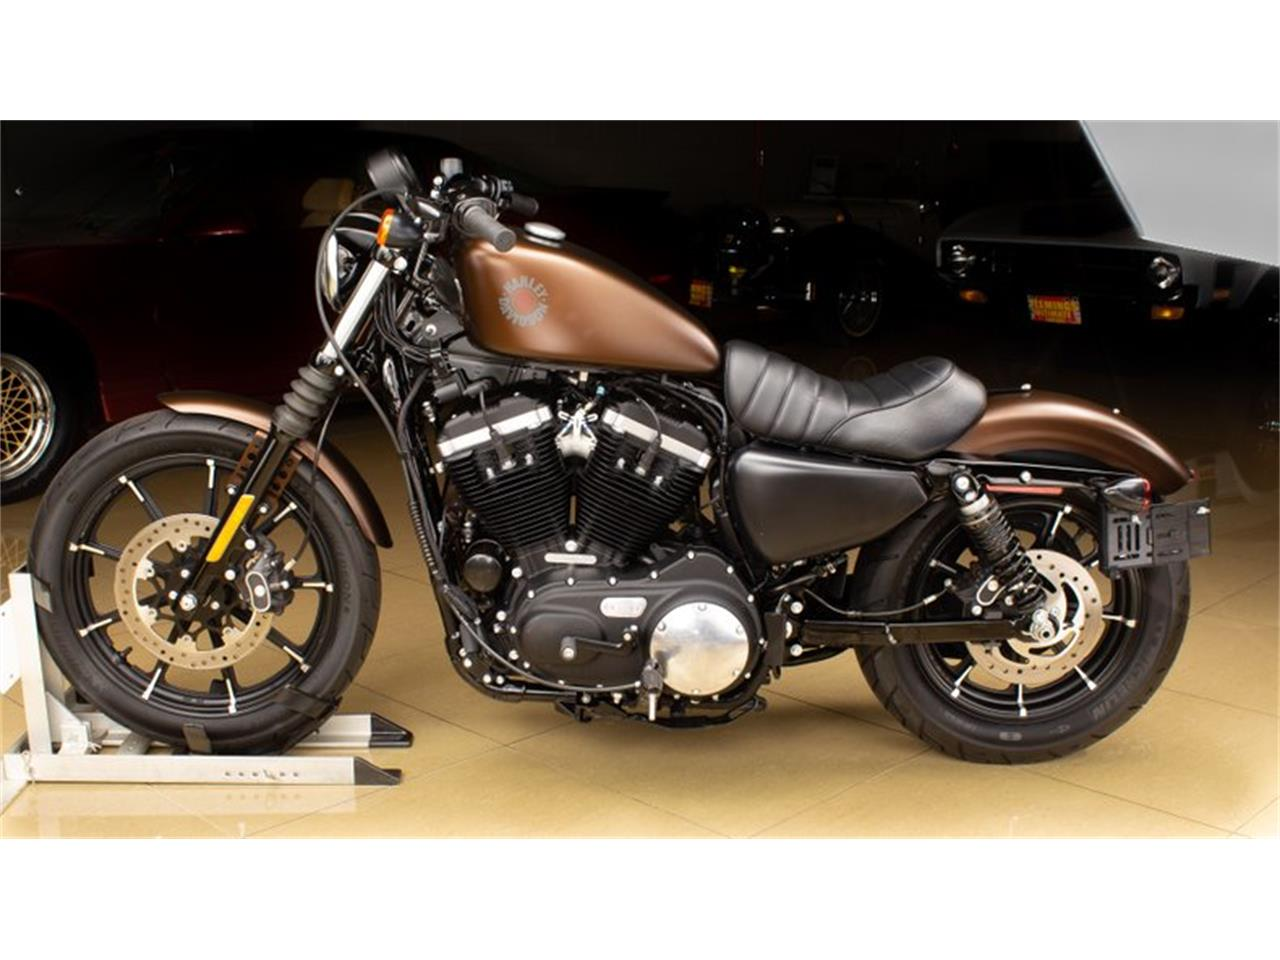 2019 Harley-Davidson Sportster (CC-1258706) for sale in Rockville, Maryland